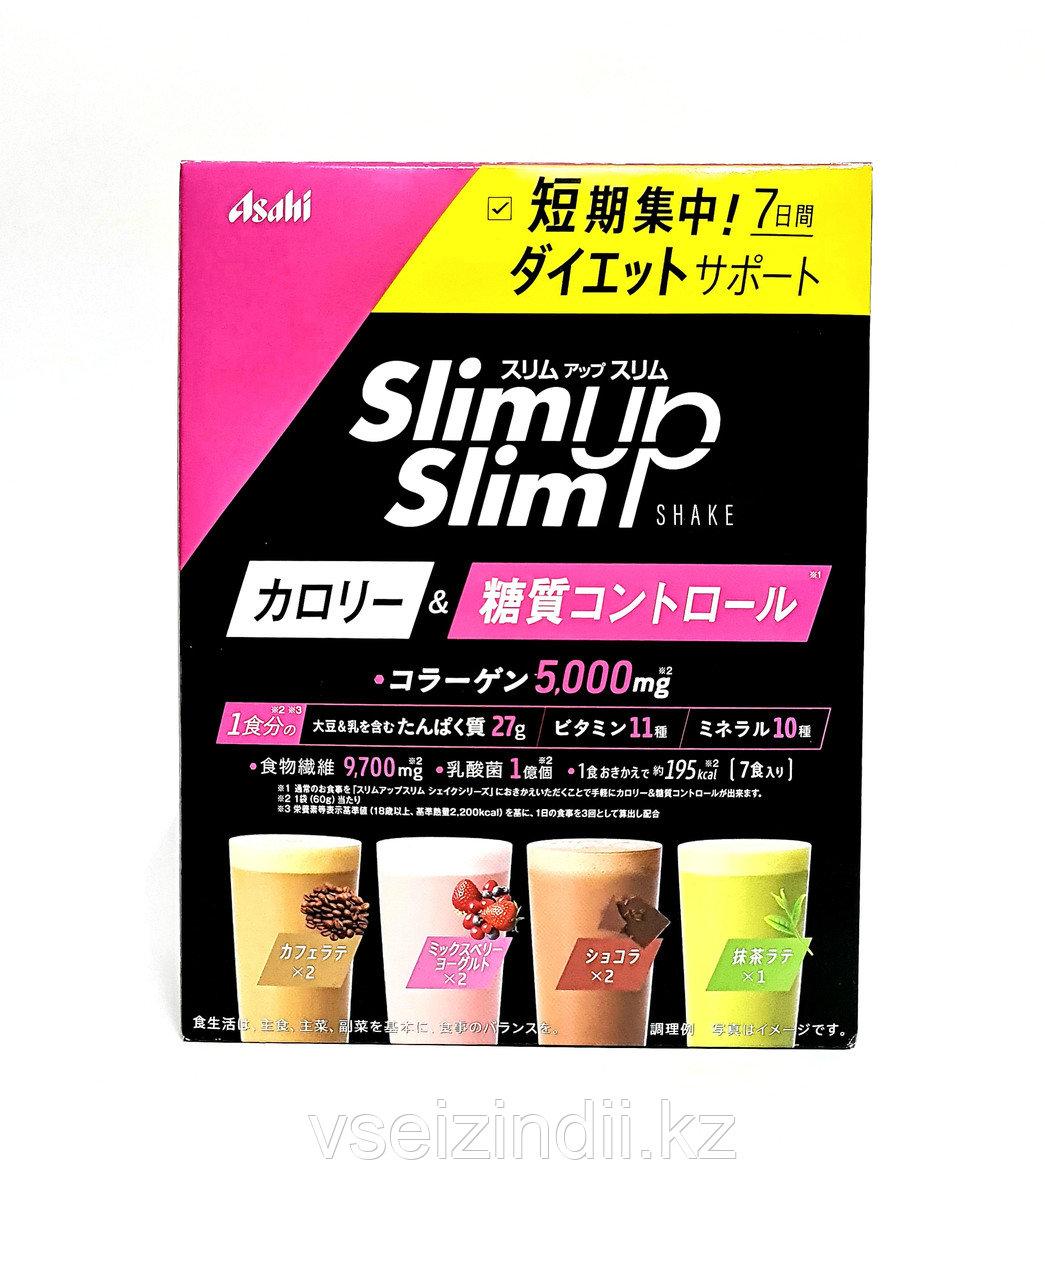 """Набор диетических коктелей """"Слим ап слим"""" Asahi, 7 шт"""